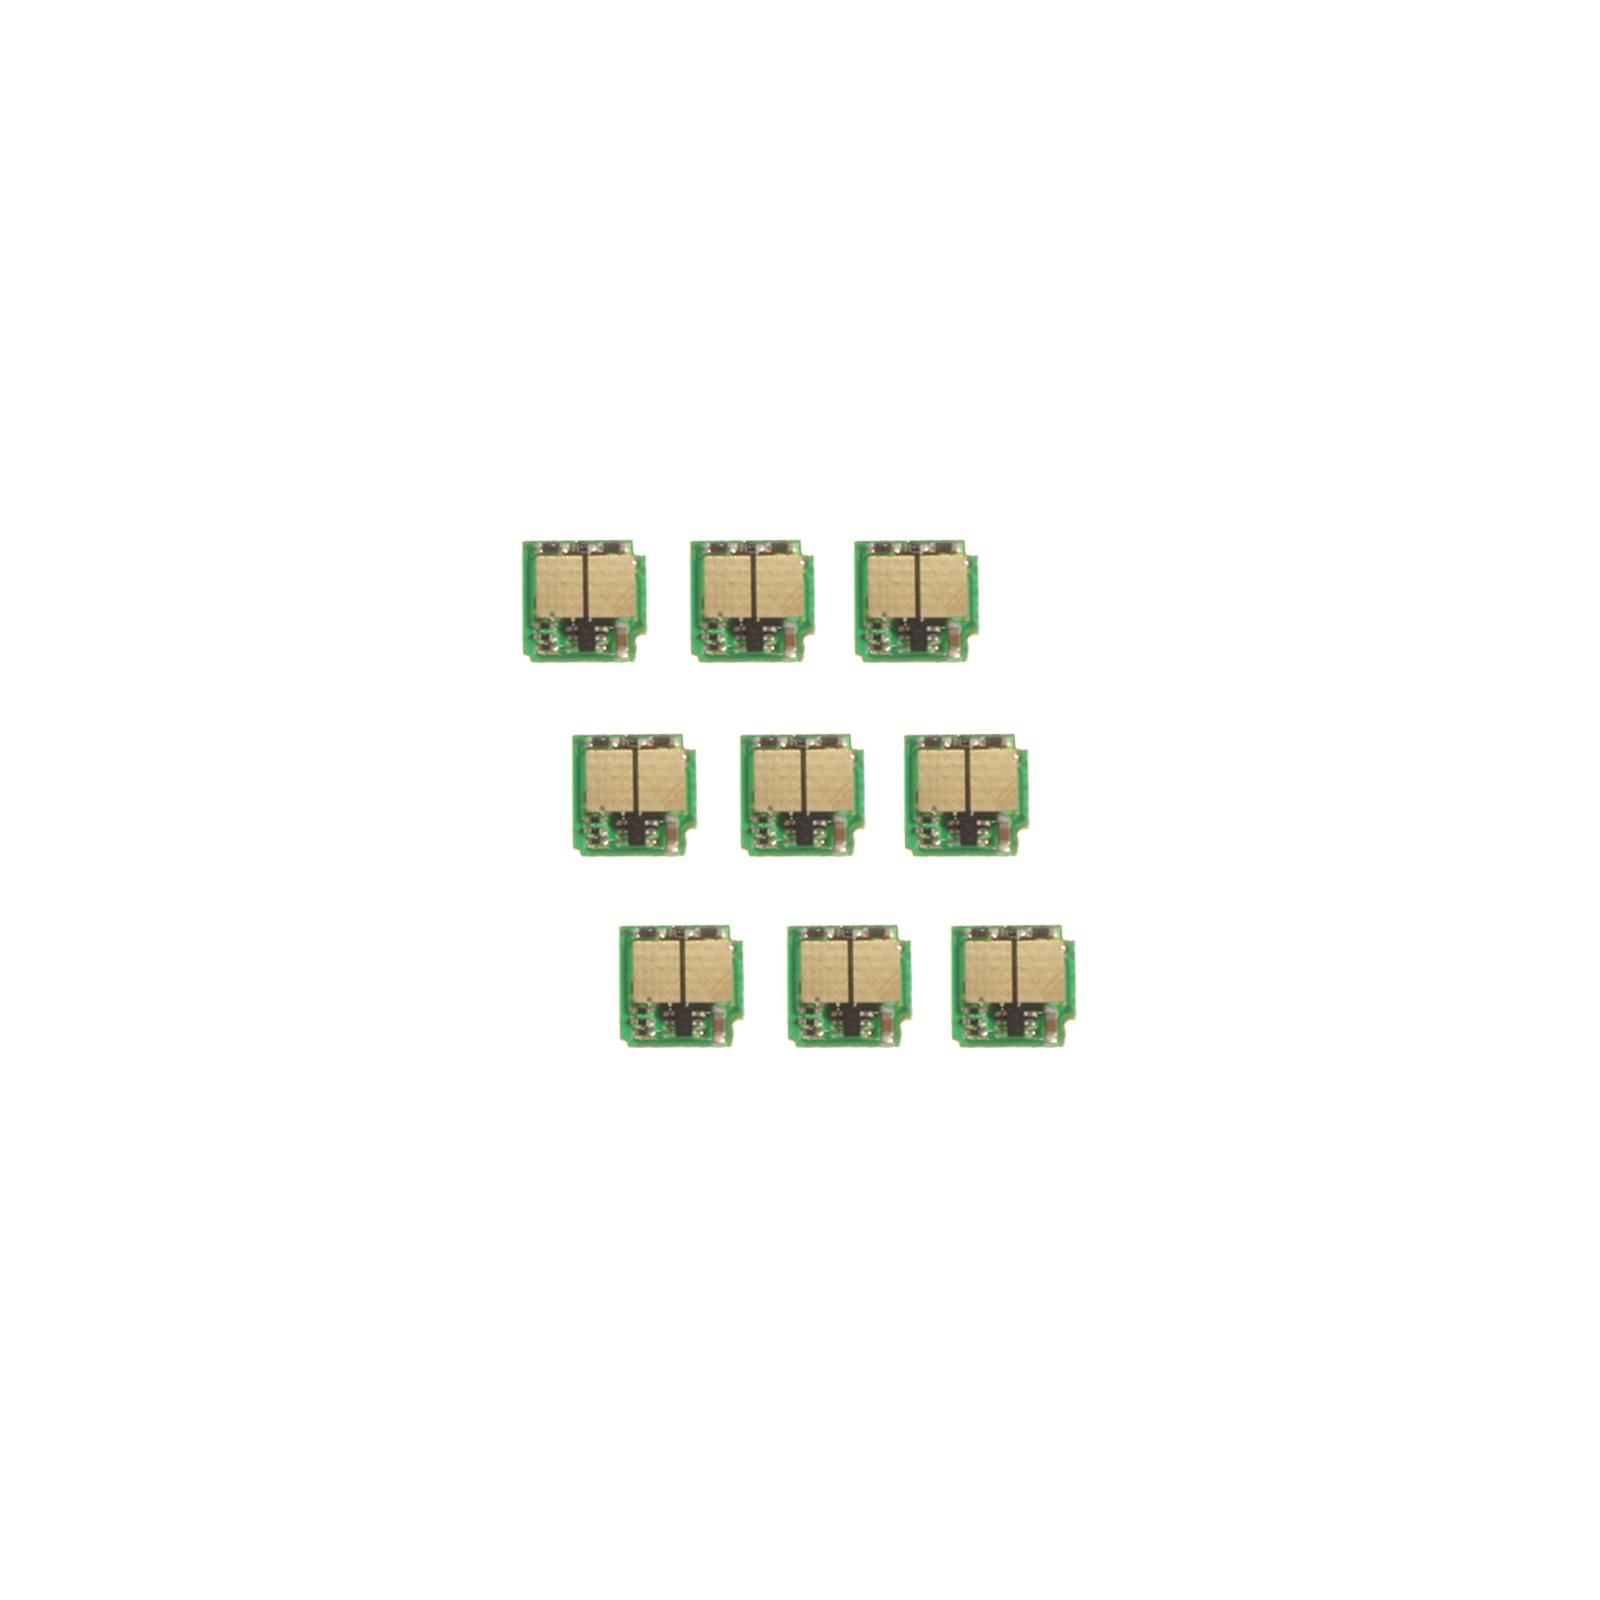 Чип для картриджа HP CLJ 3800/4700 Magenta WWM (CHC3800M)